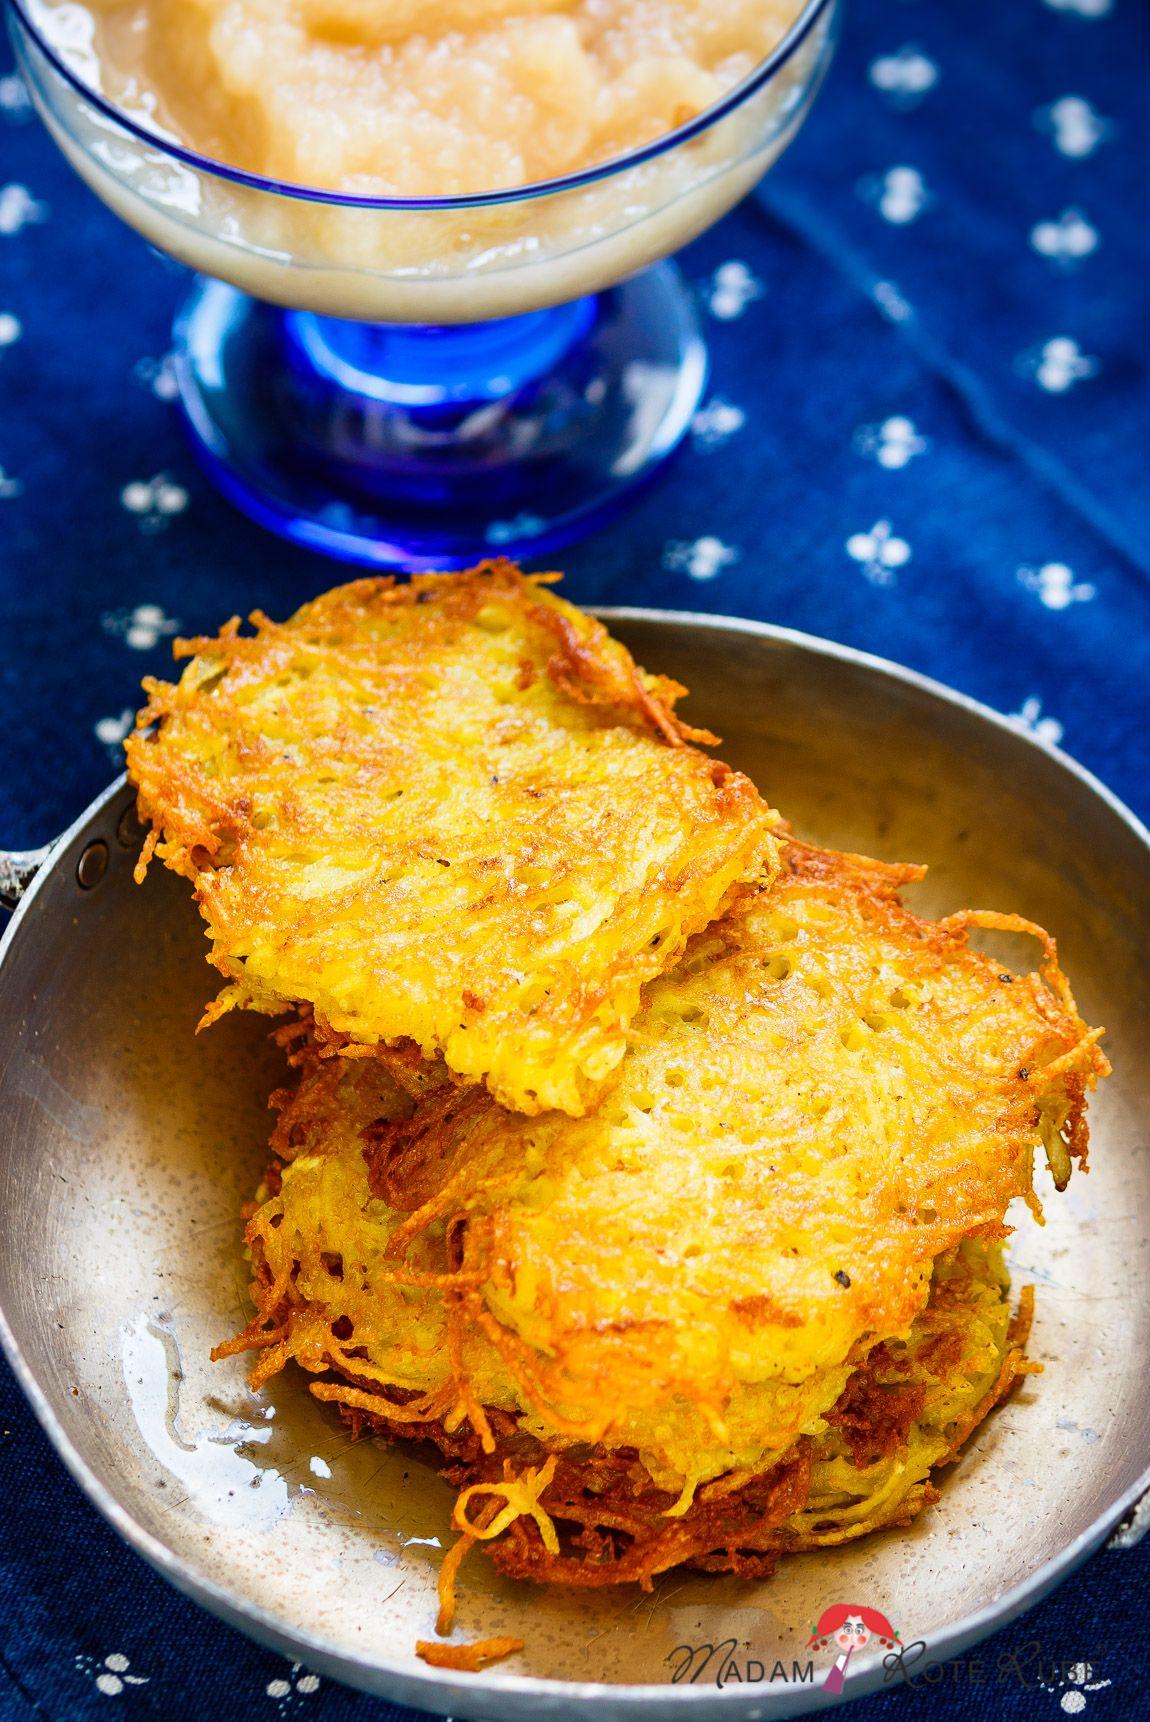 Kartoffelpuffer Mit Apfelmus Heimat Auf Dem Teller Madam Rote Rube Die Landkuche Rezept Kartoffelpuffer Mit Apfelmus Kartoffelpuffer Apfelmus